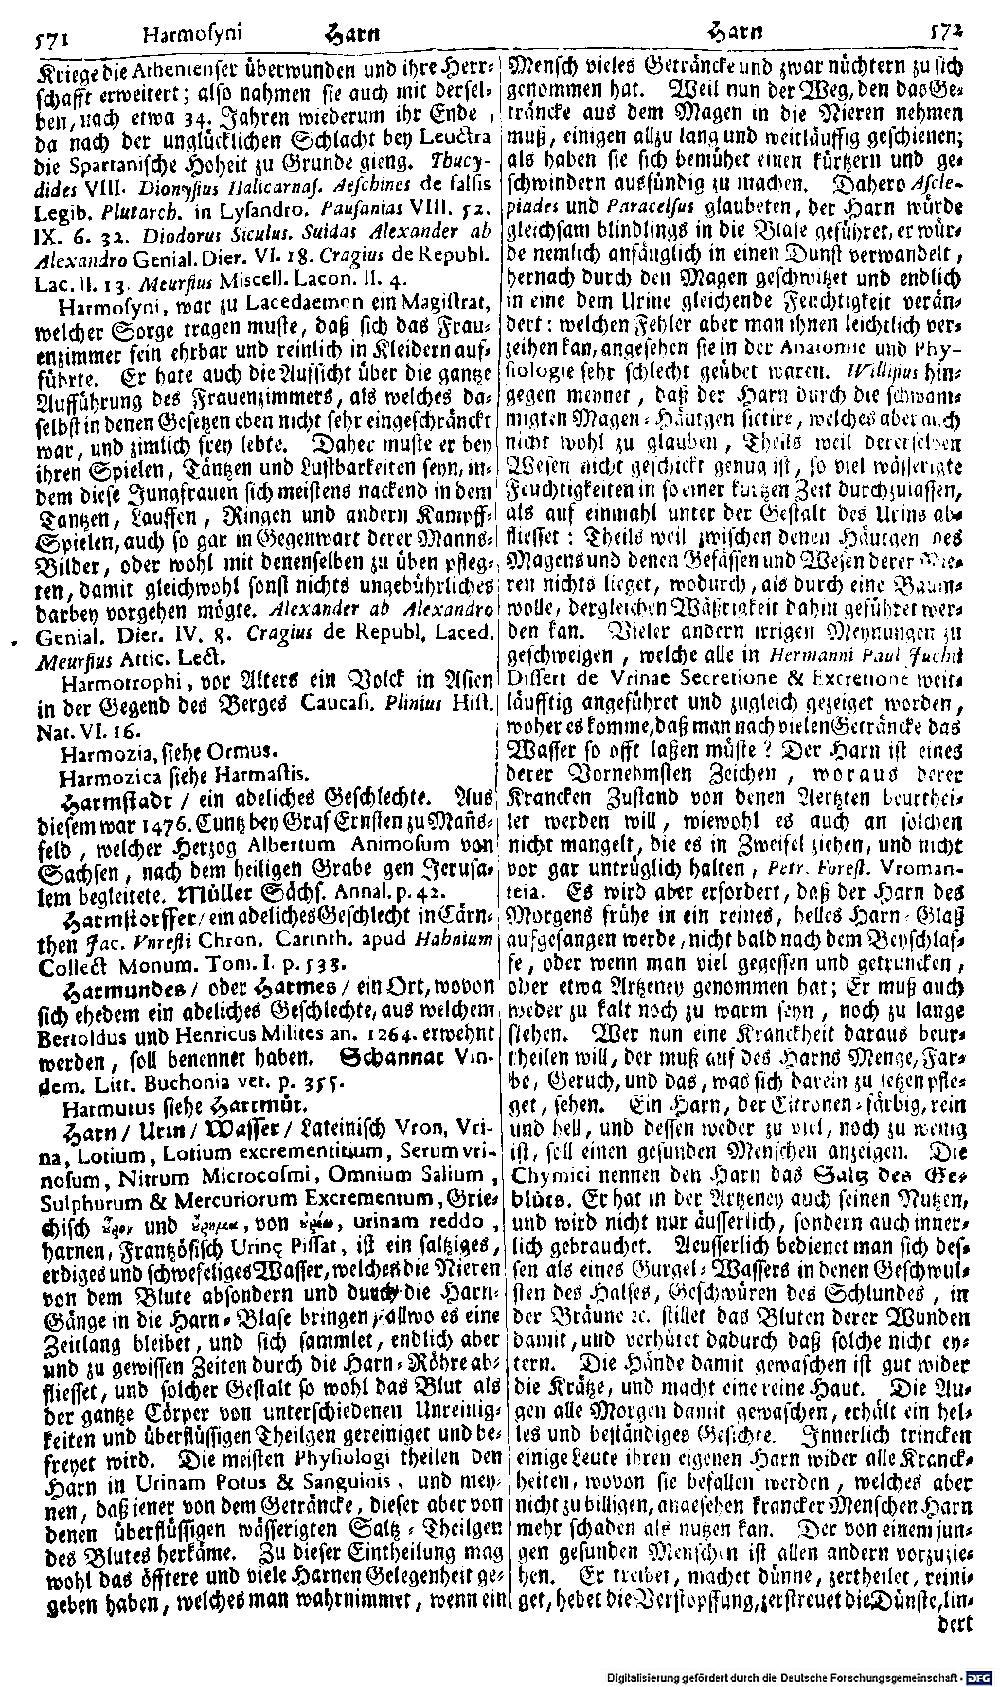 Bd. 12, Seite 0301.